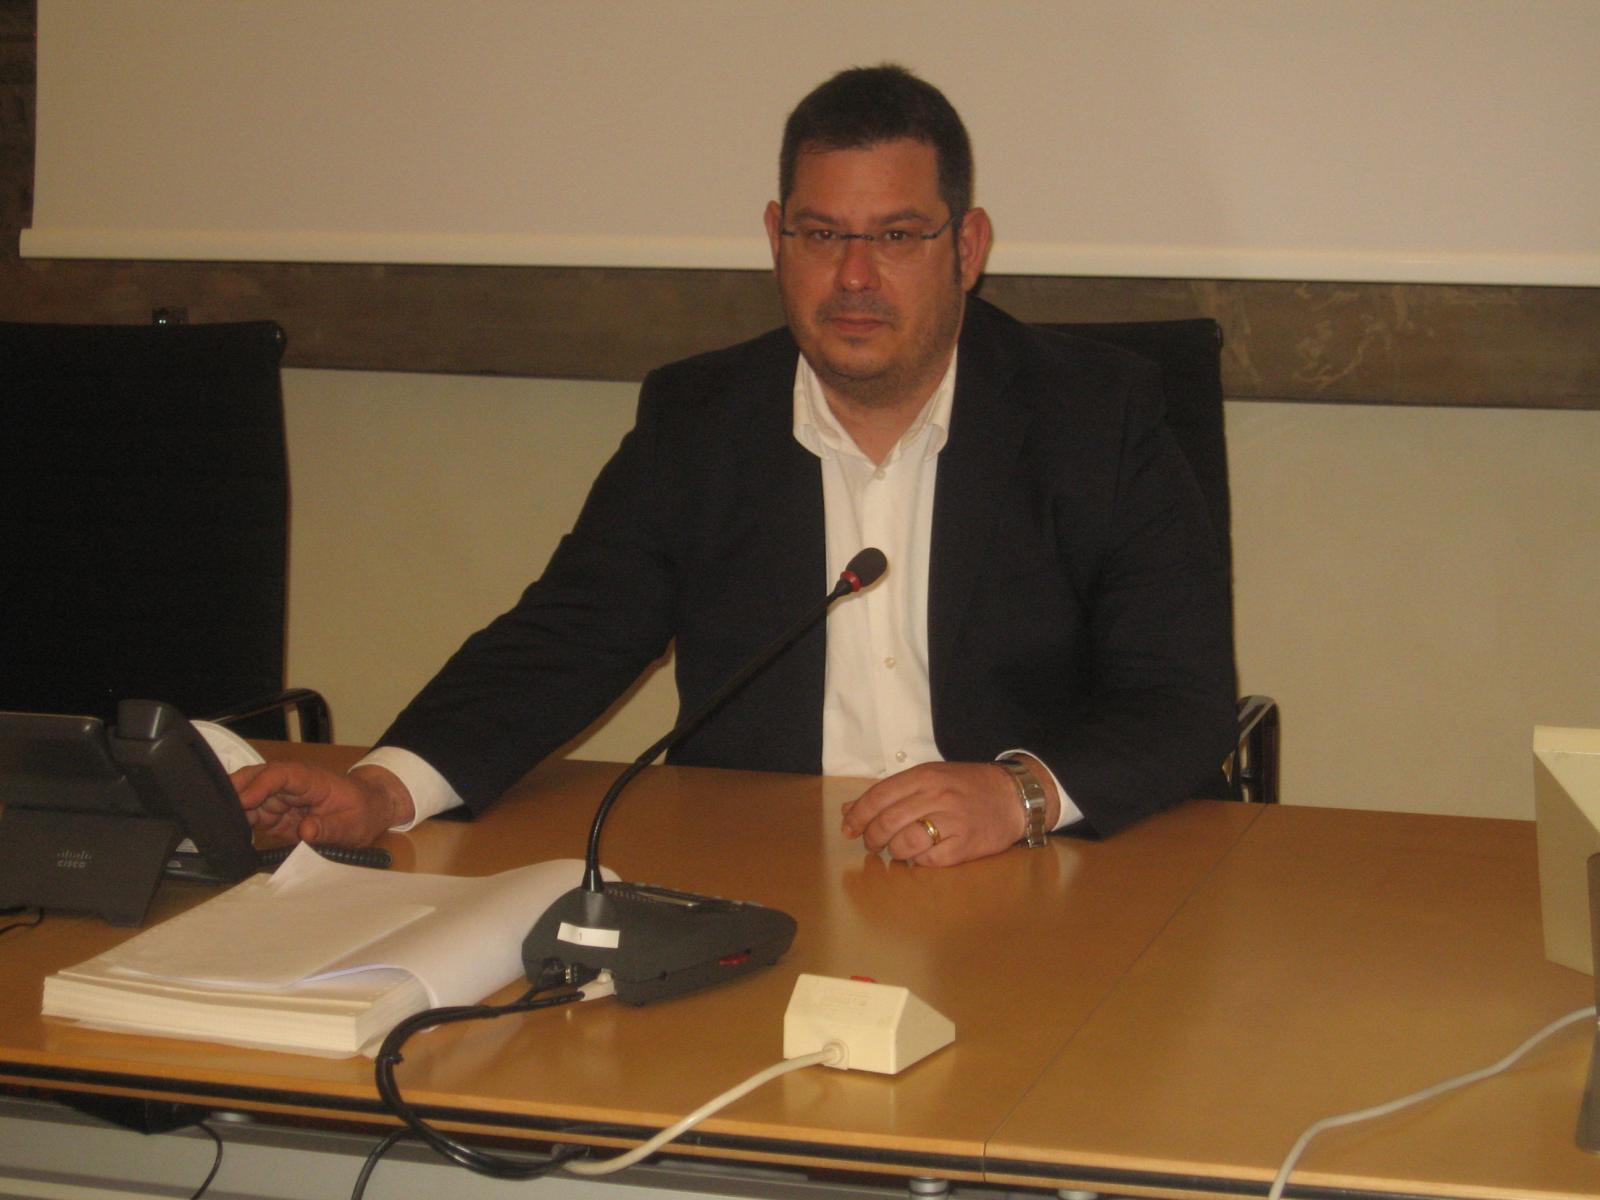 Il vicepresidente Minarelli nella sala del Consiglio provinciale